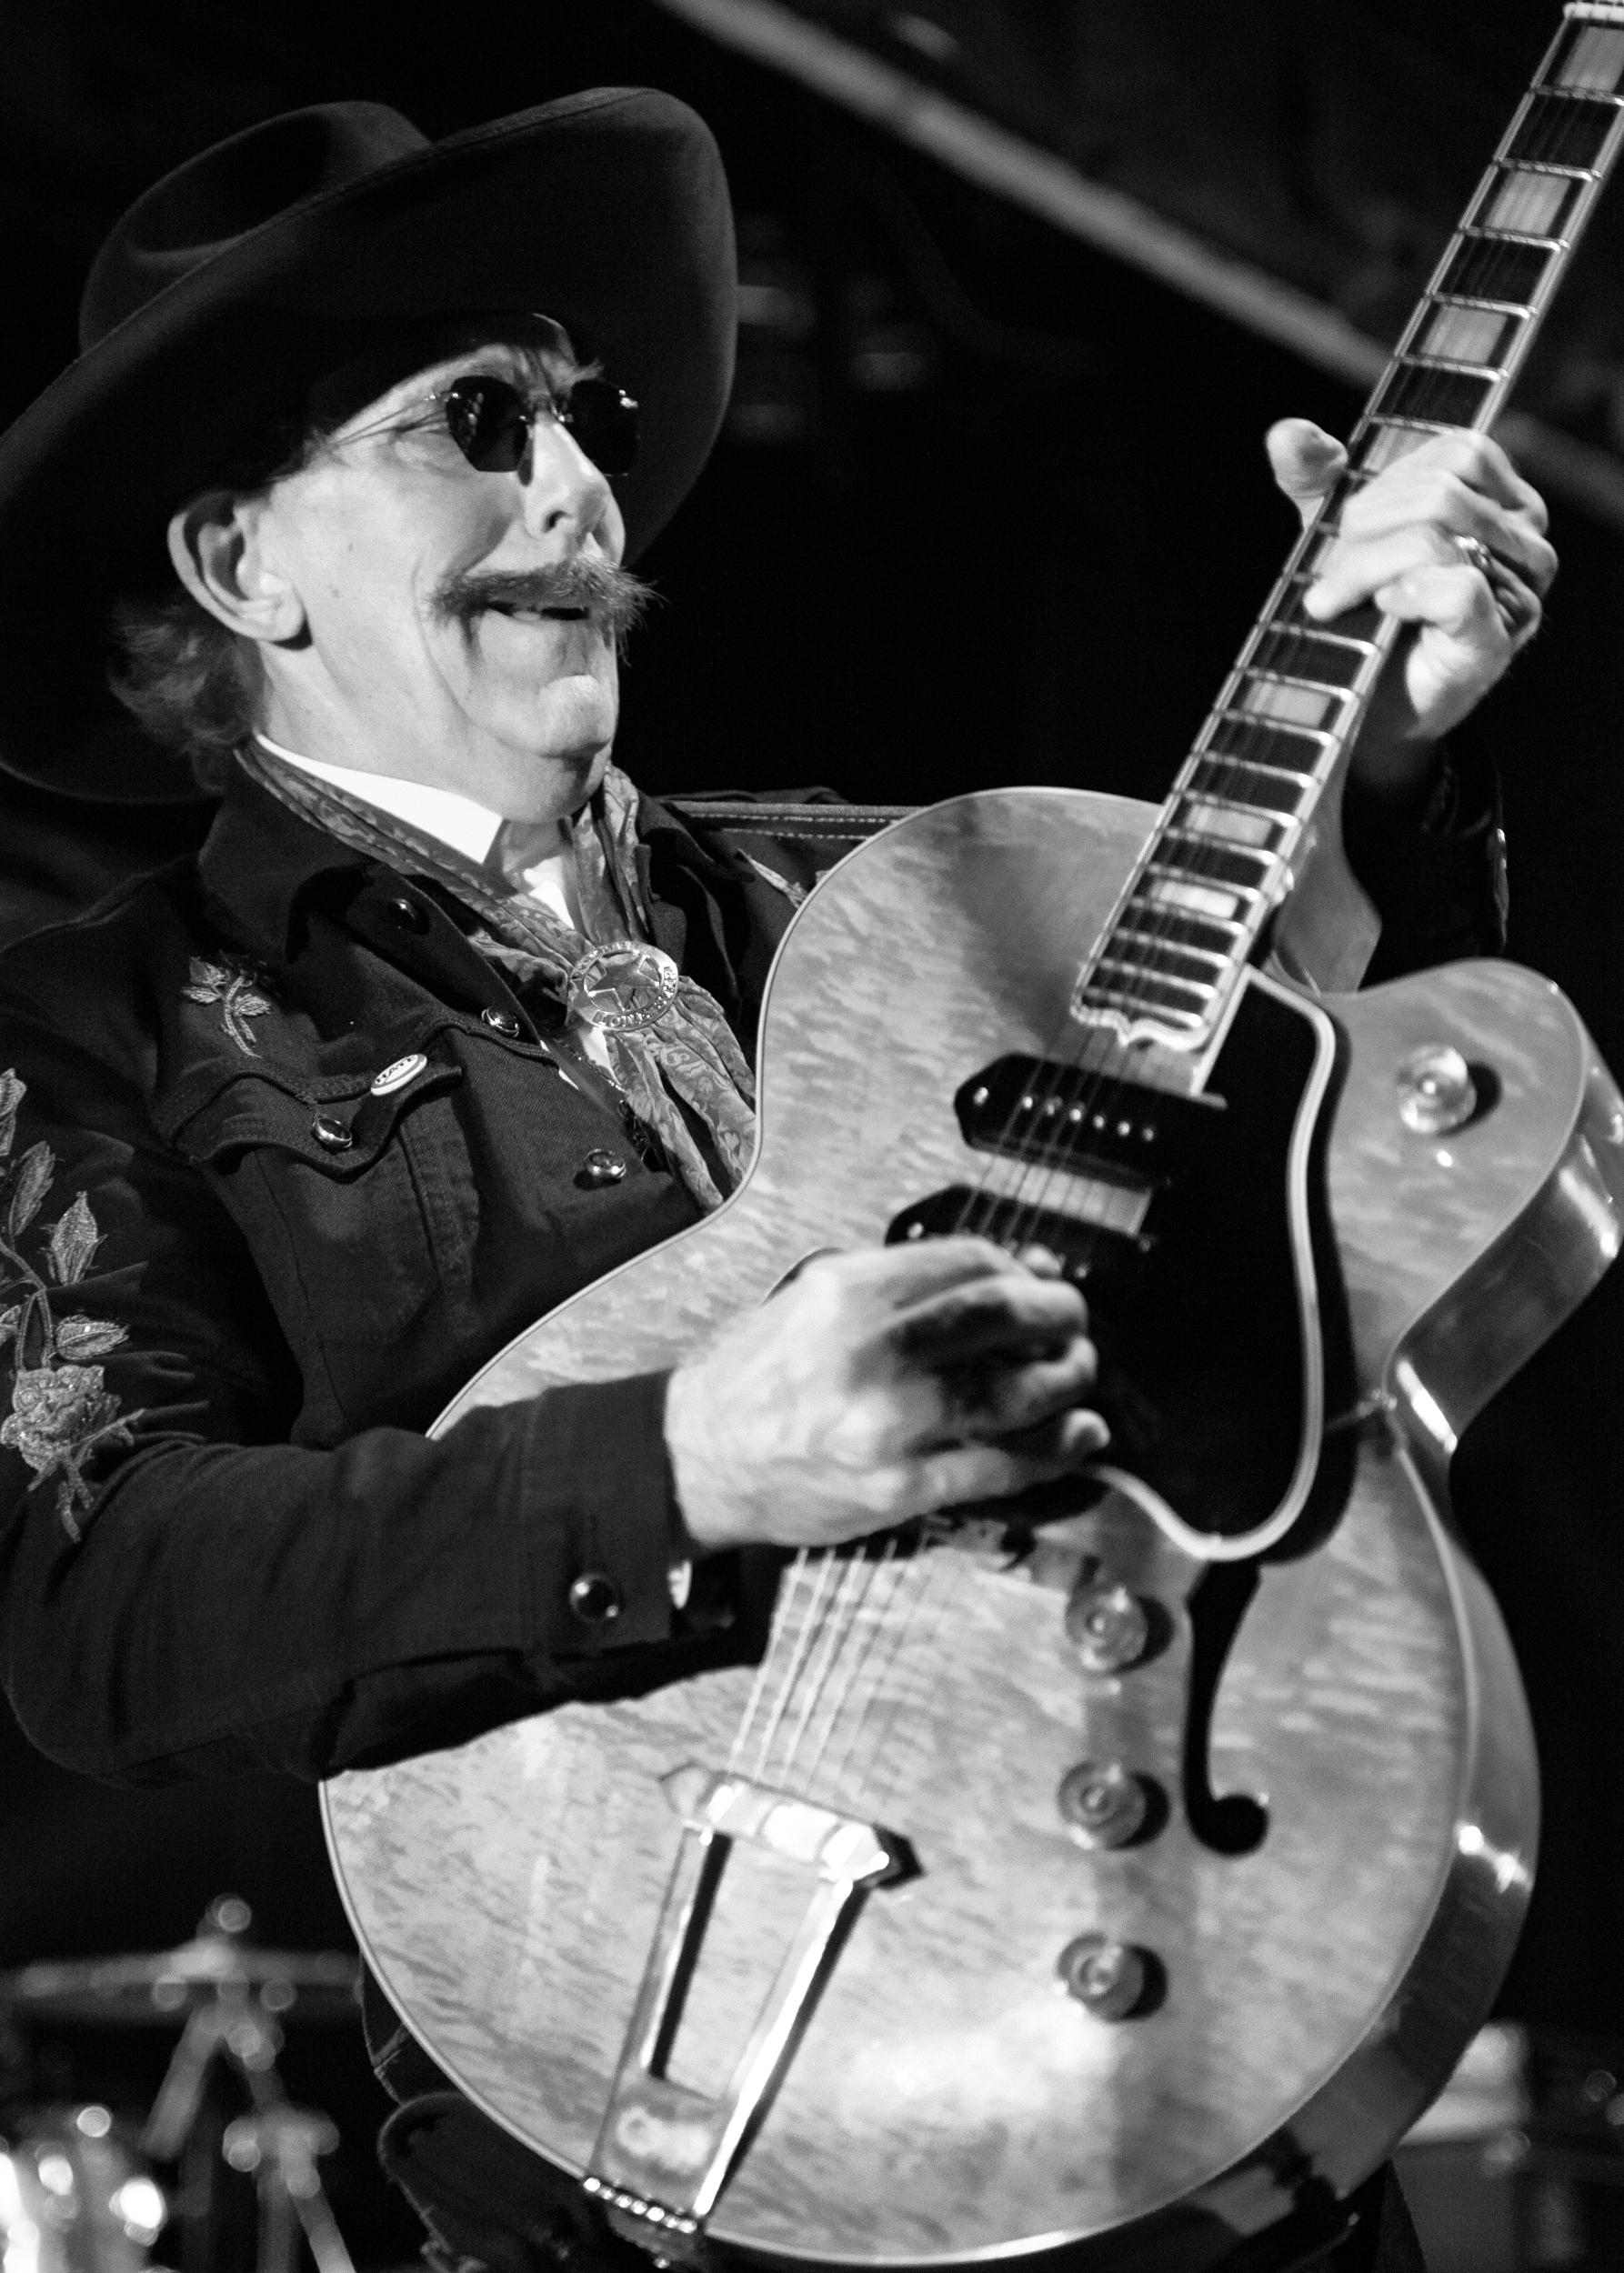 Lightnin' Willie